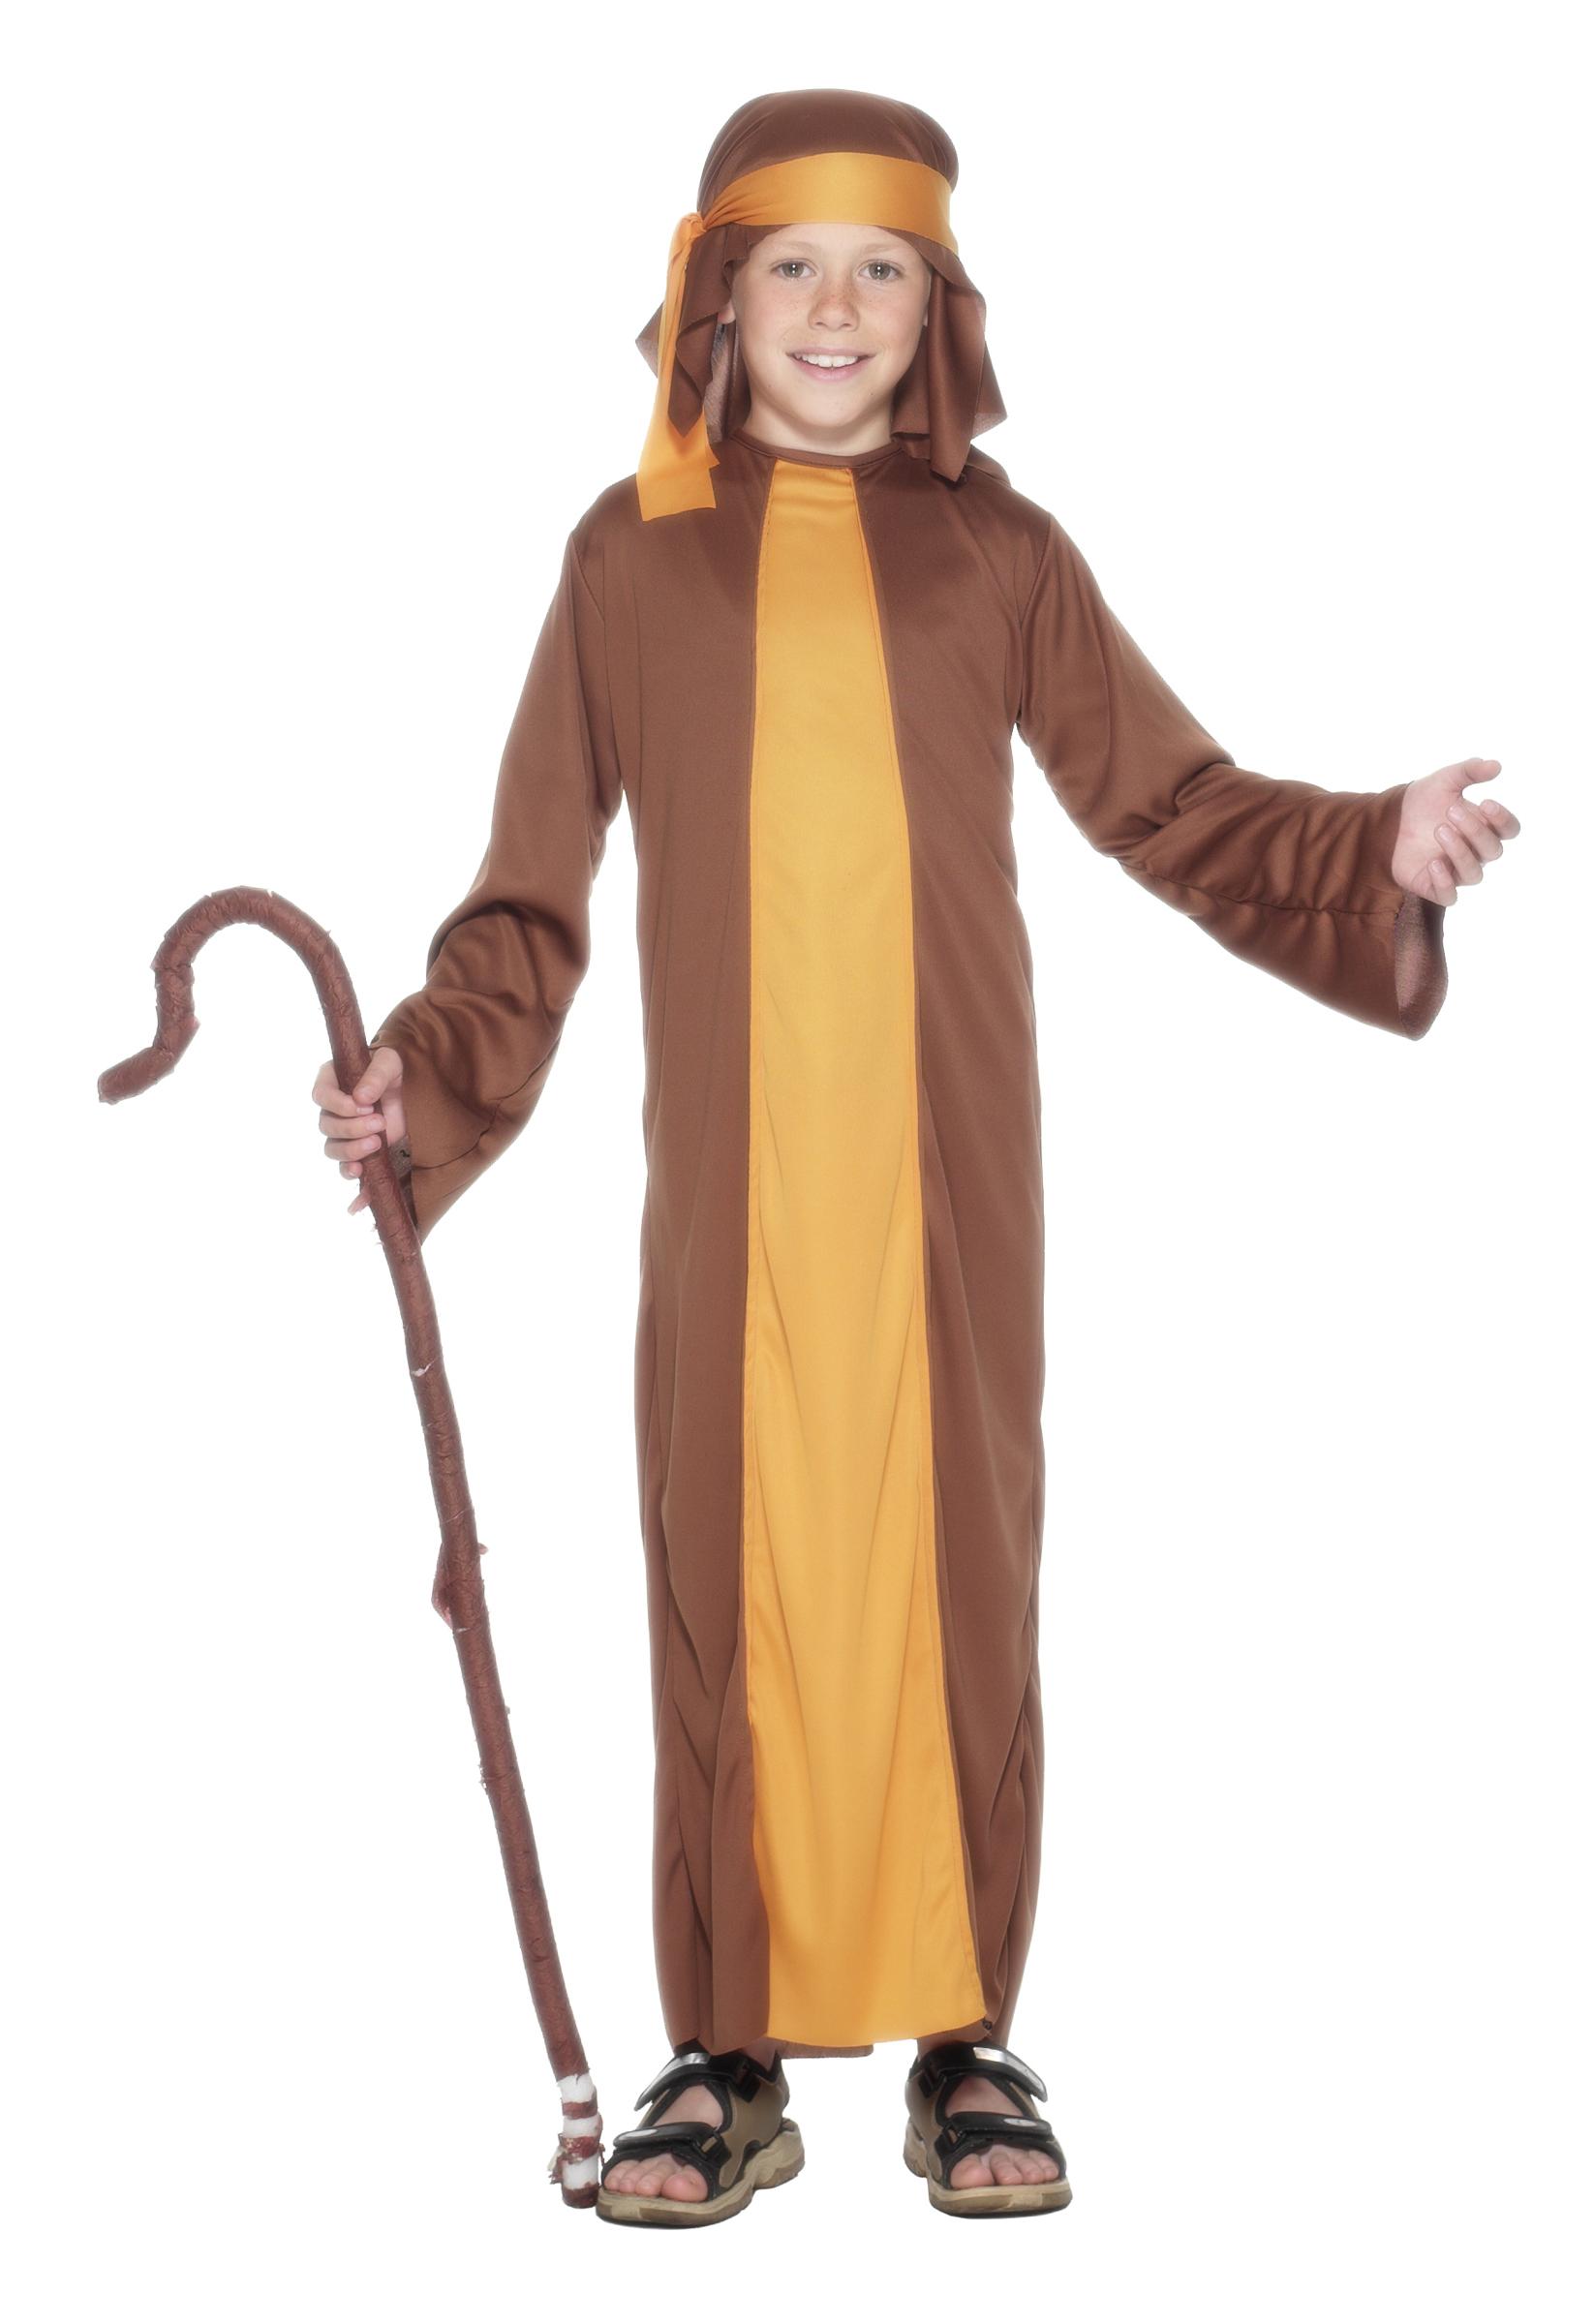 33a491532a7fe Costume Natale pastore bambino  Costumi bambini